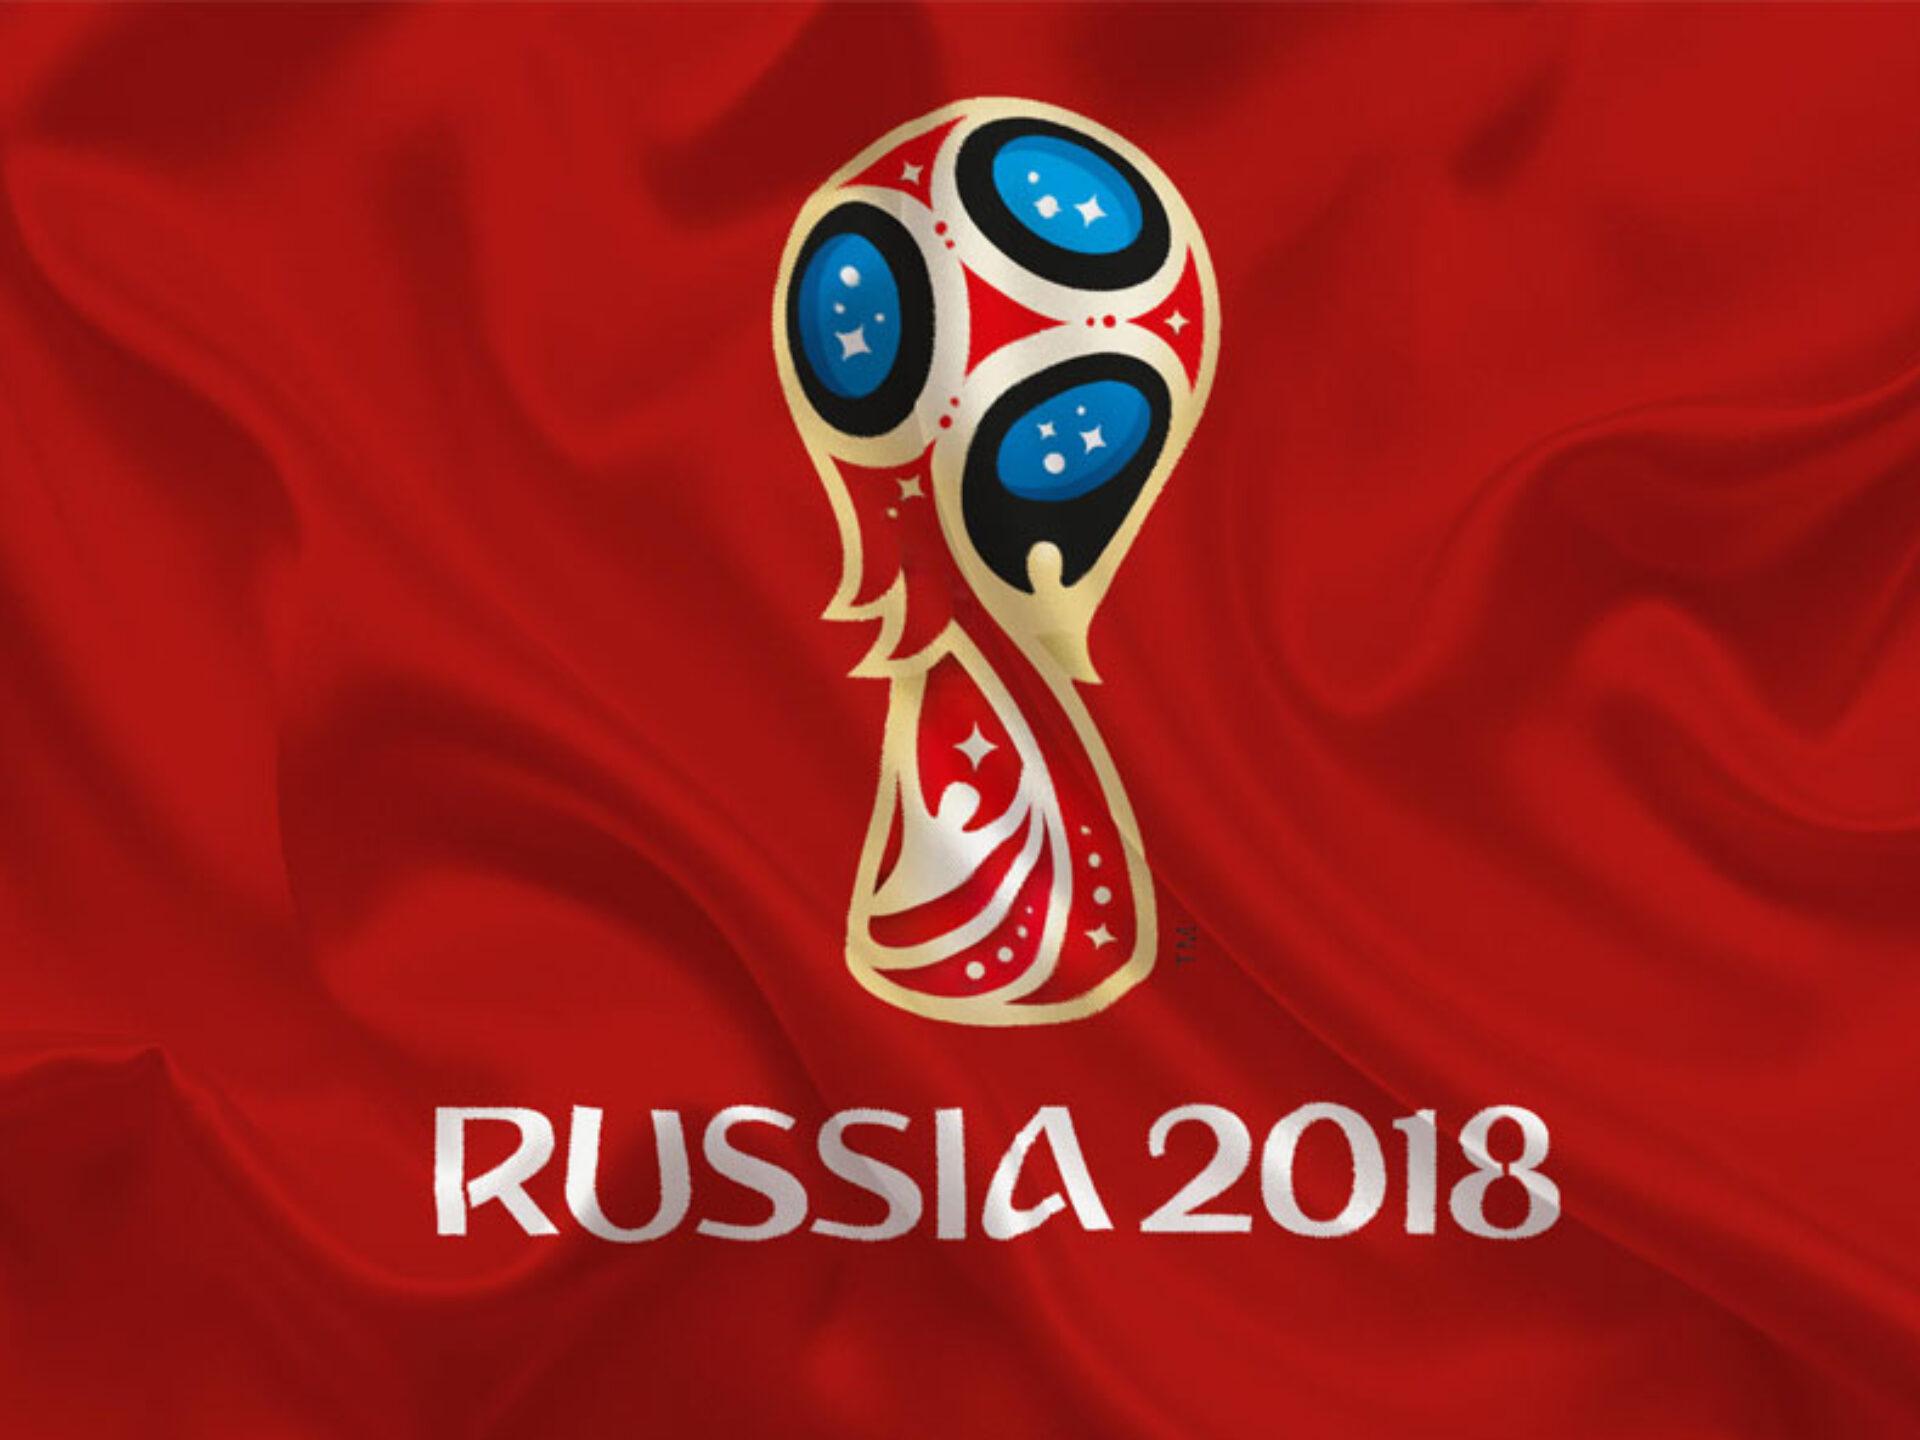 fussball-fanshirt-wm-2018